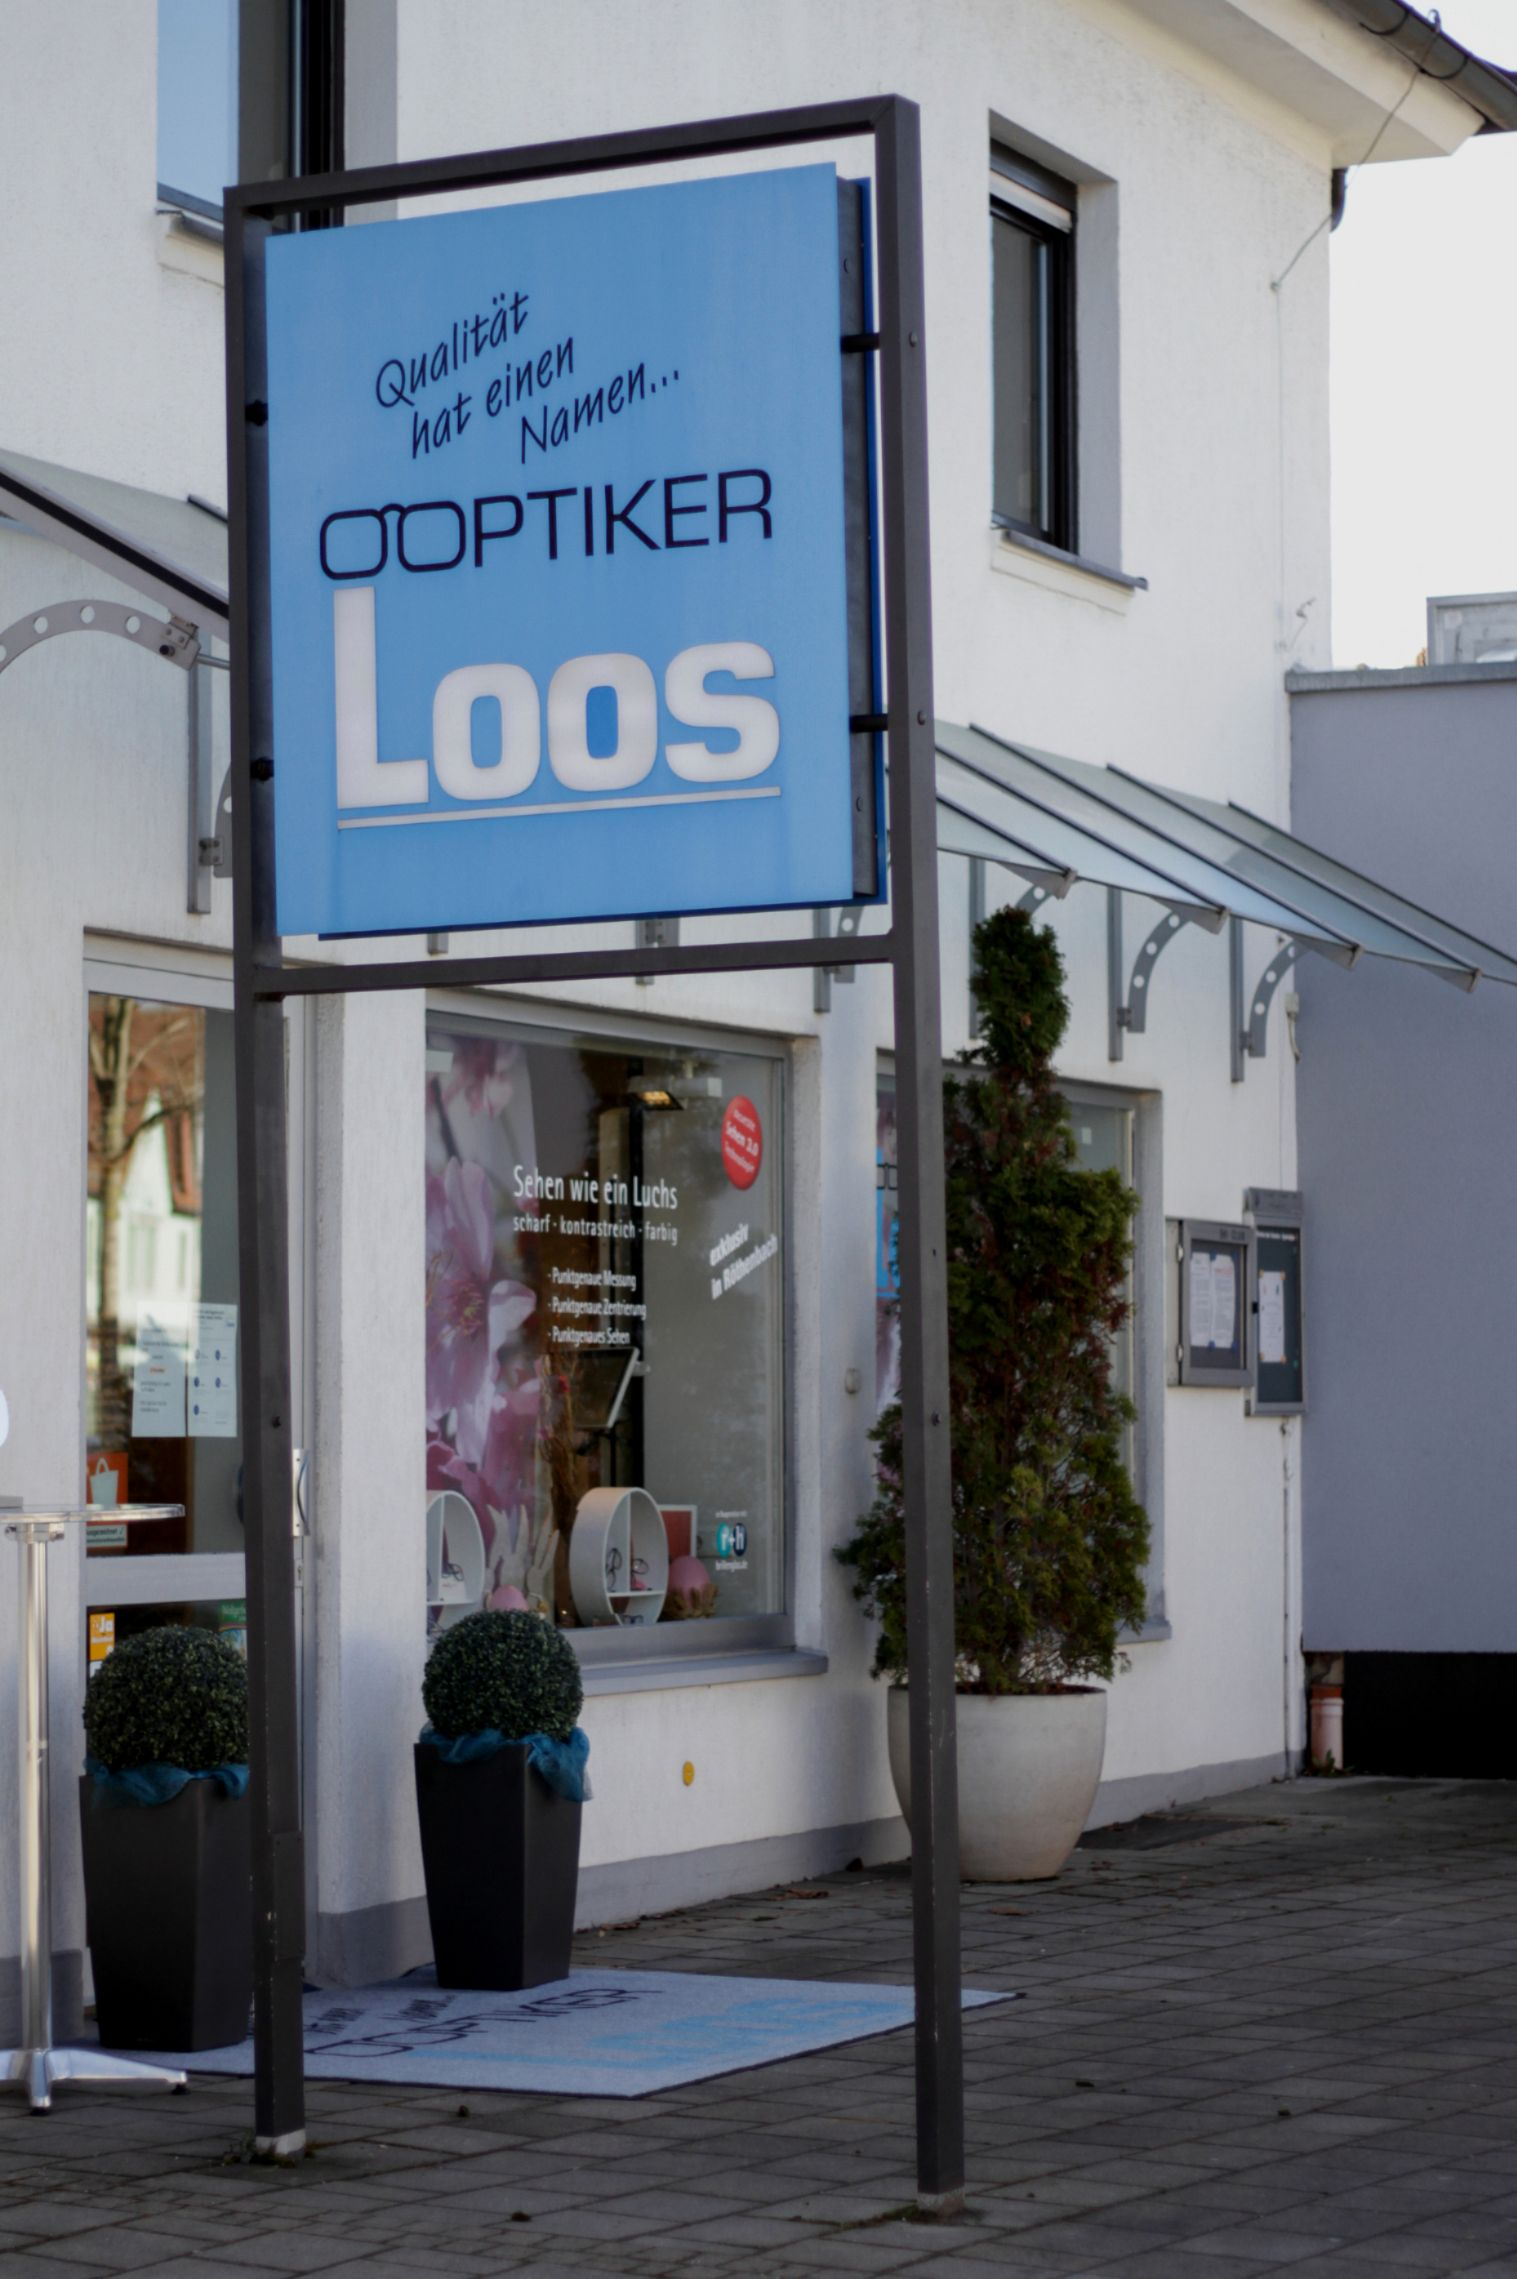 Optiker Loos